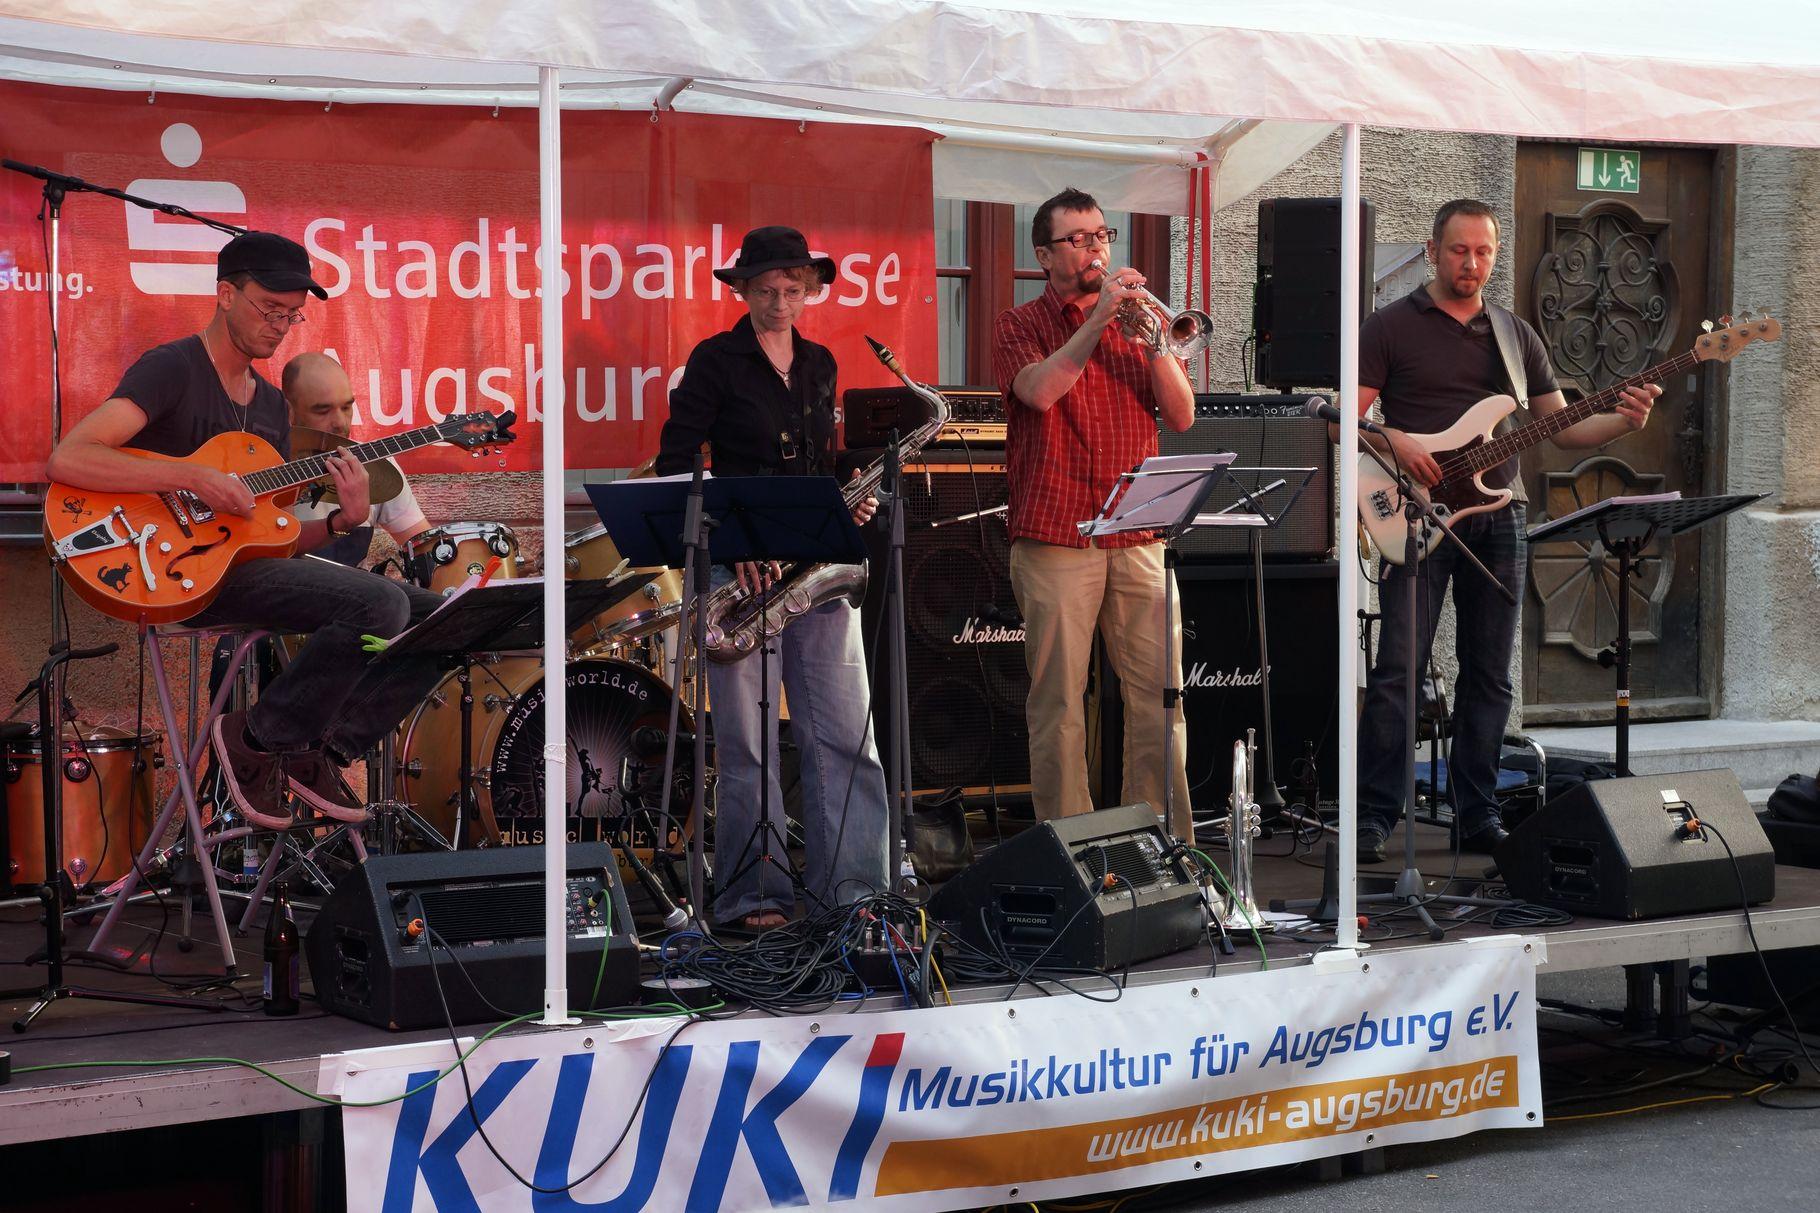 Konzerte im Bürgerhof 06.07.2013 Quintessence - Freiwilligen-Zentrum Augsburg - Foto: Crayfish